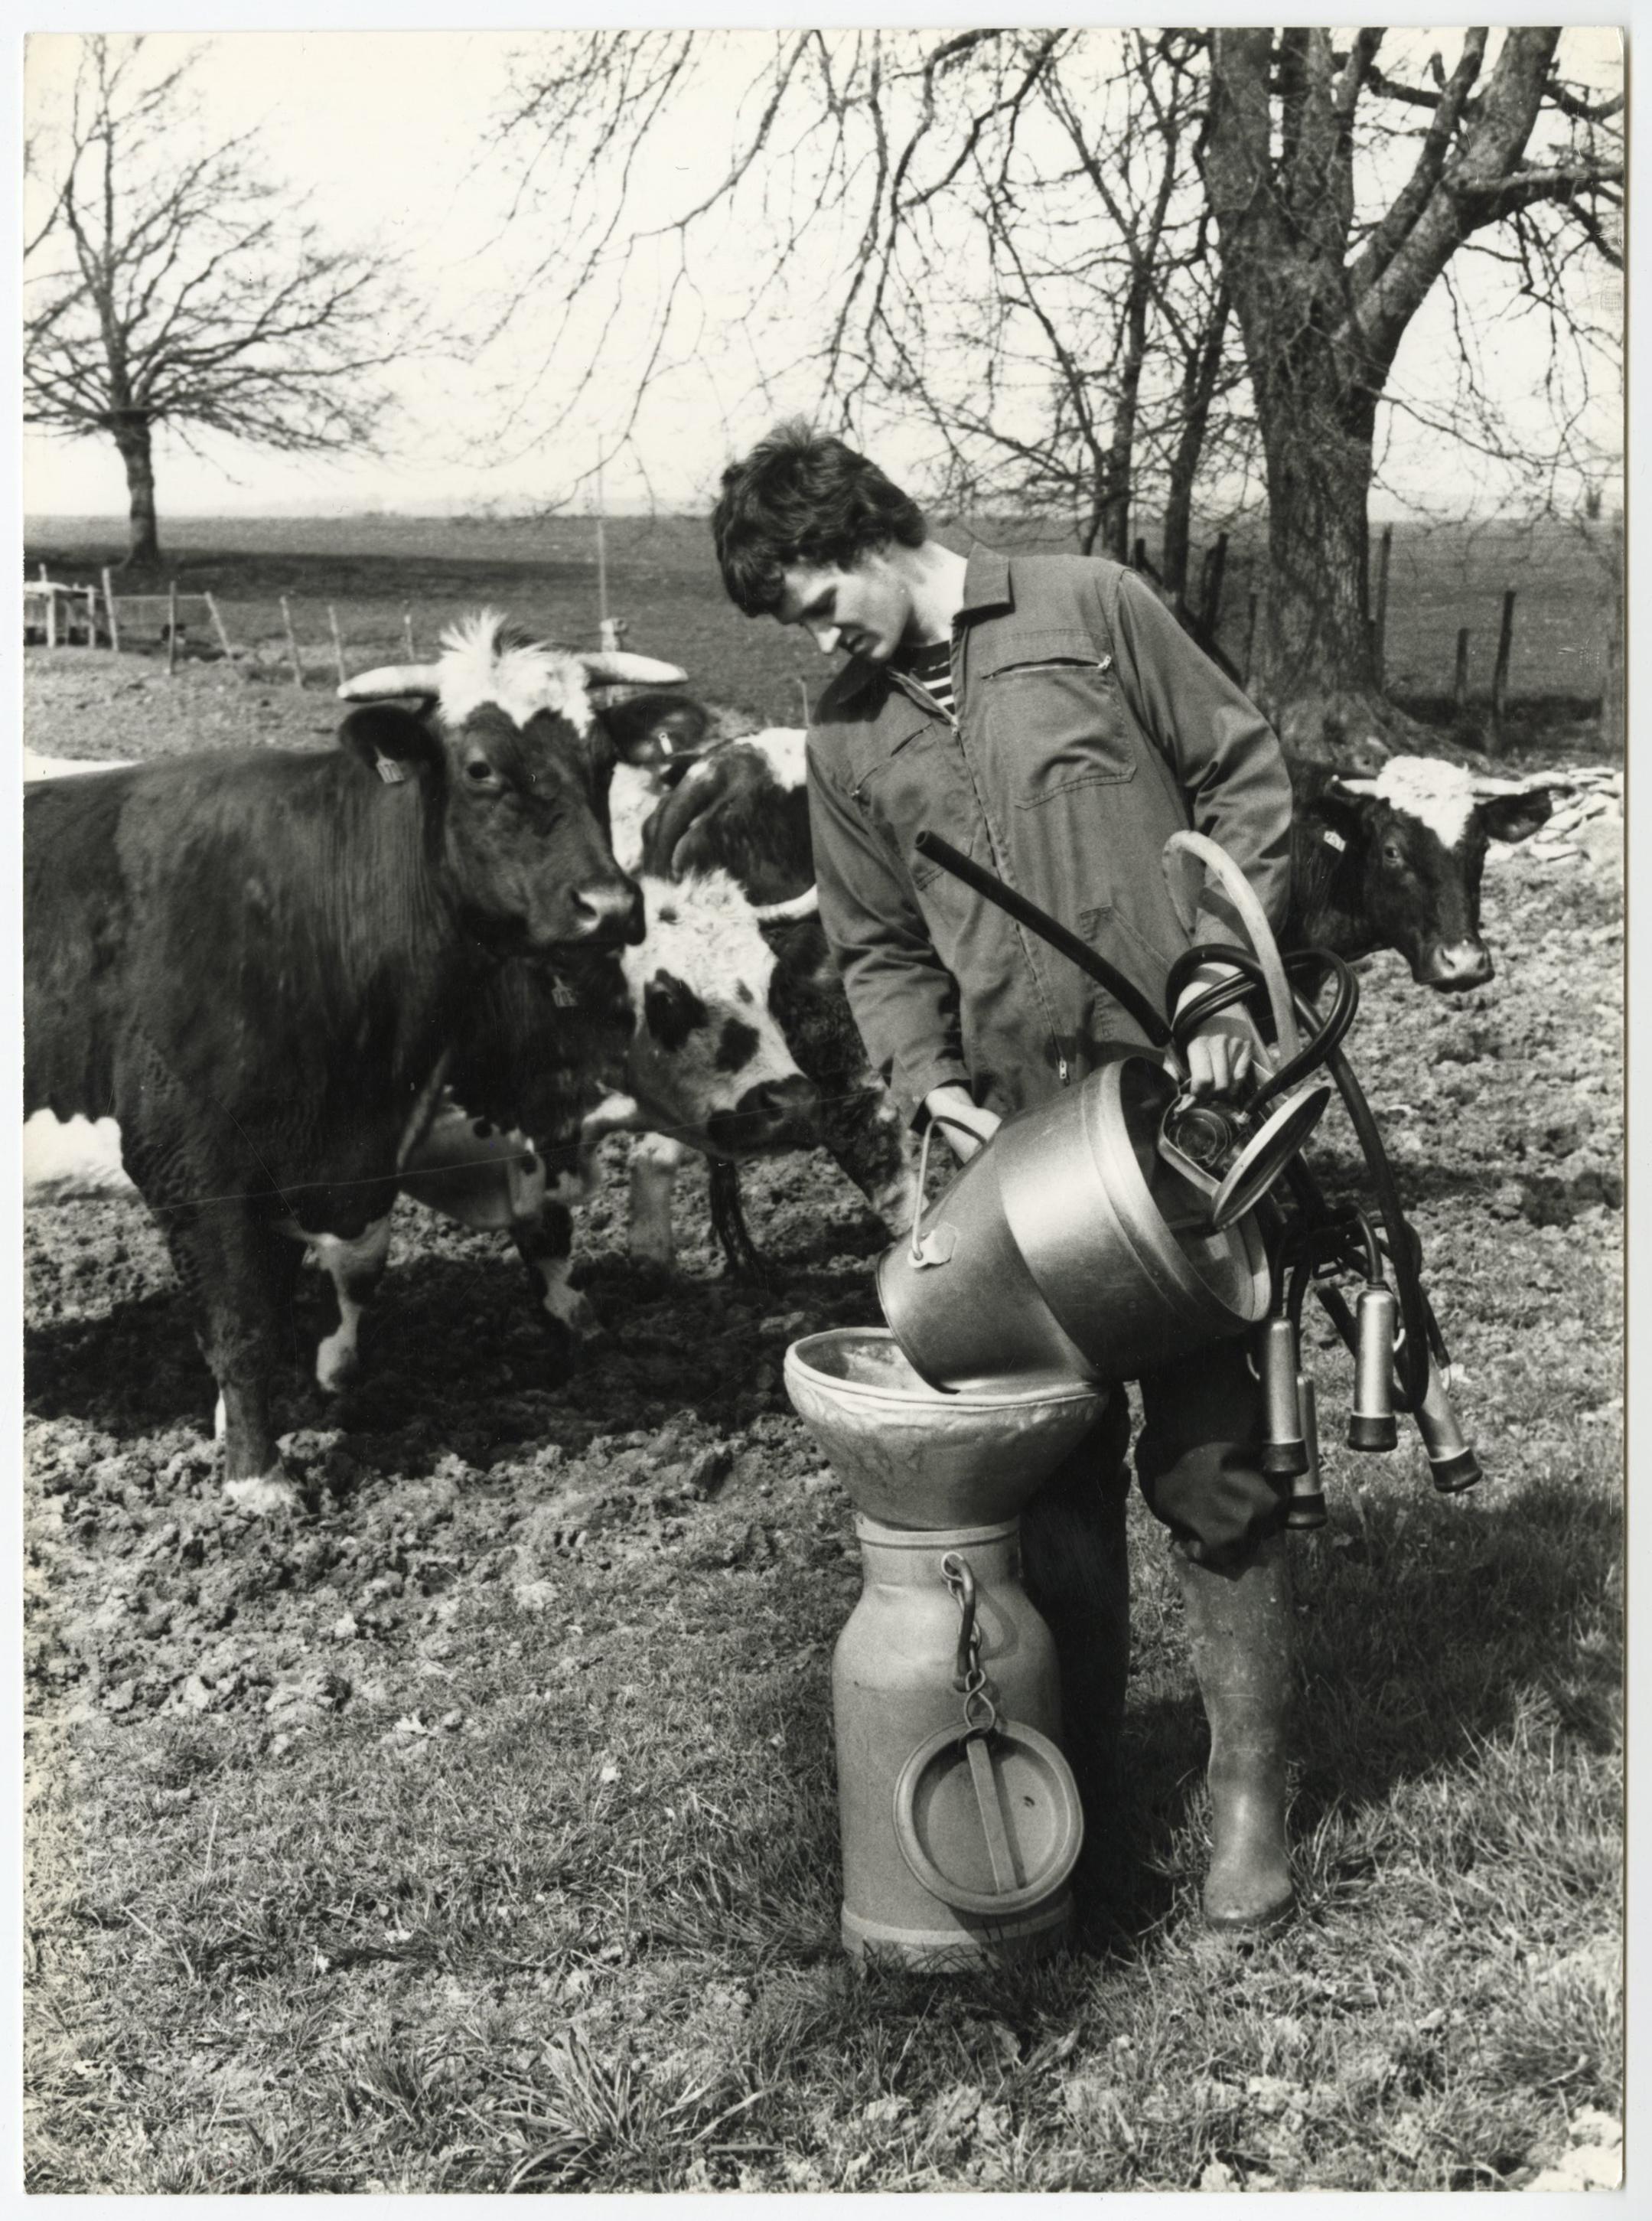 Agriculteur transvasant du lait après la traite de ses vaches : tirage photographique, date & lieu inconnu.